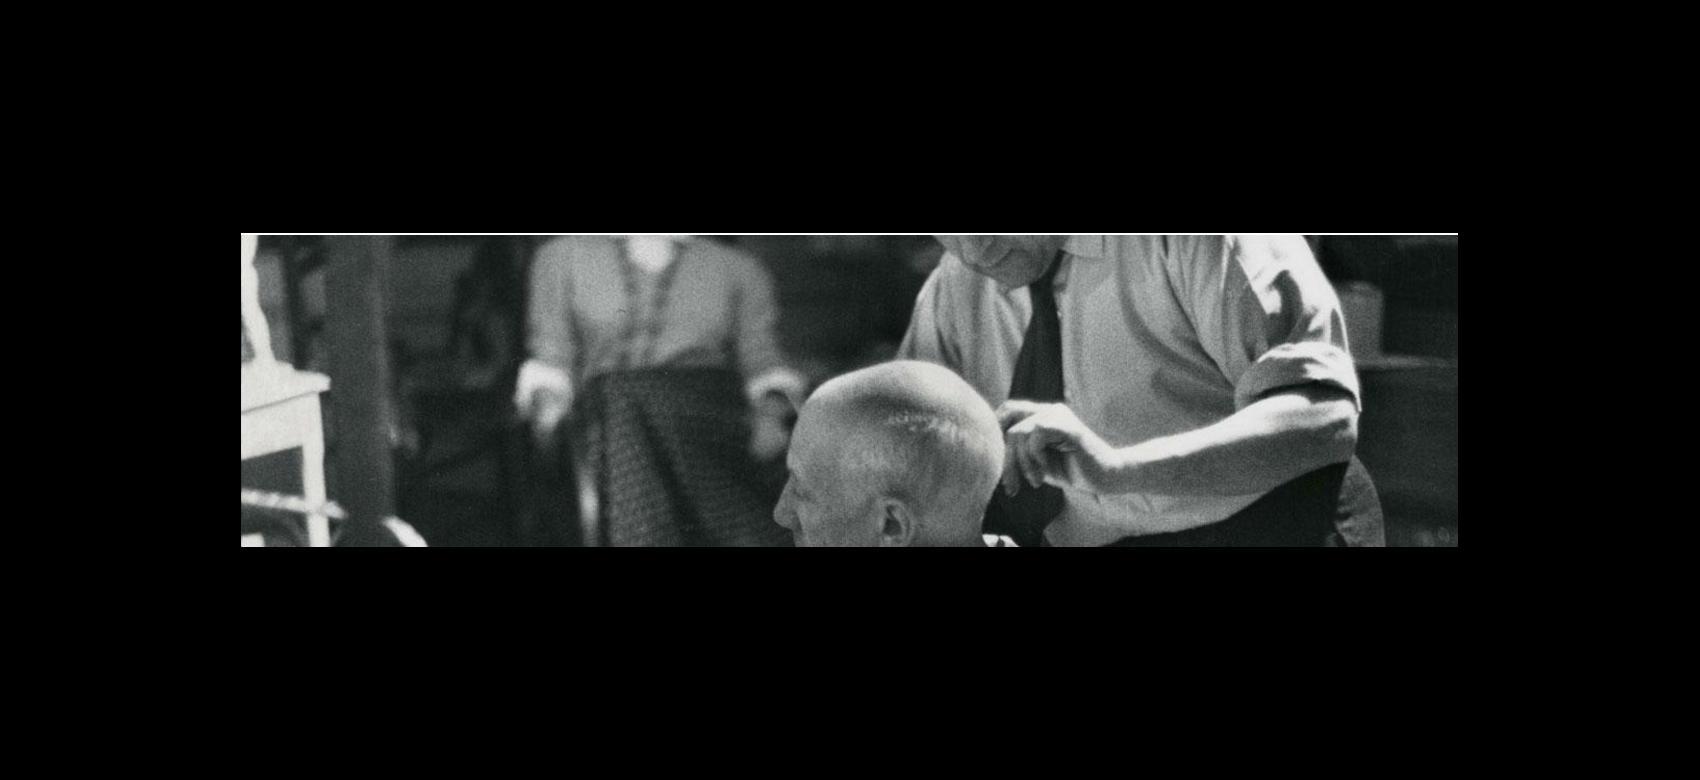 Imagen cortando el pelo a Picasso su peluquero Eugenio Arias